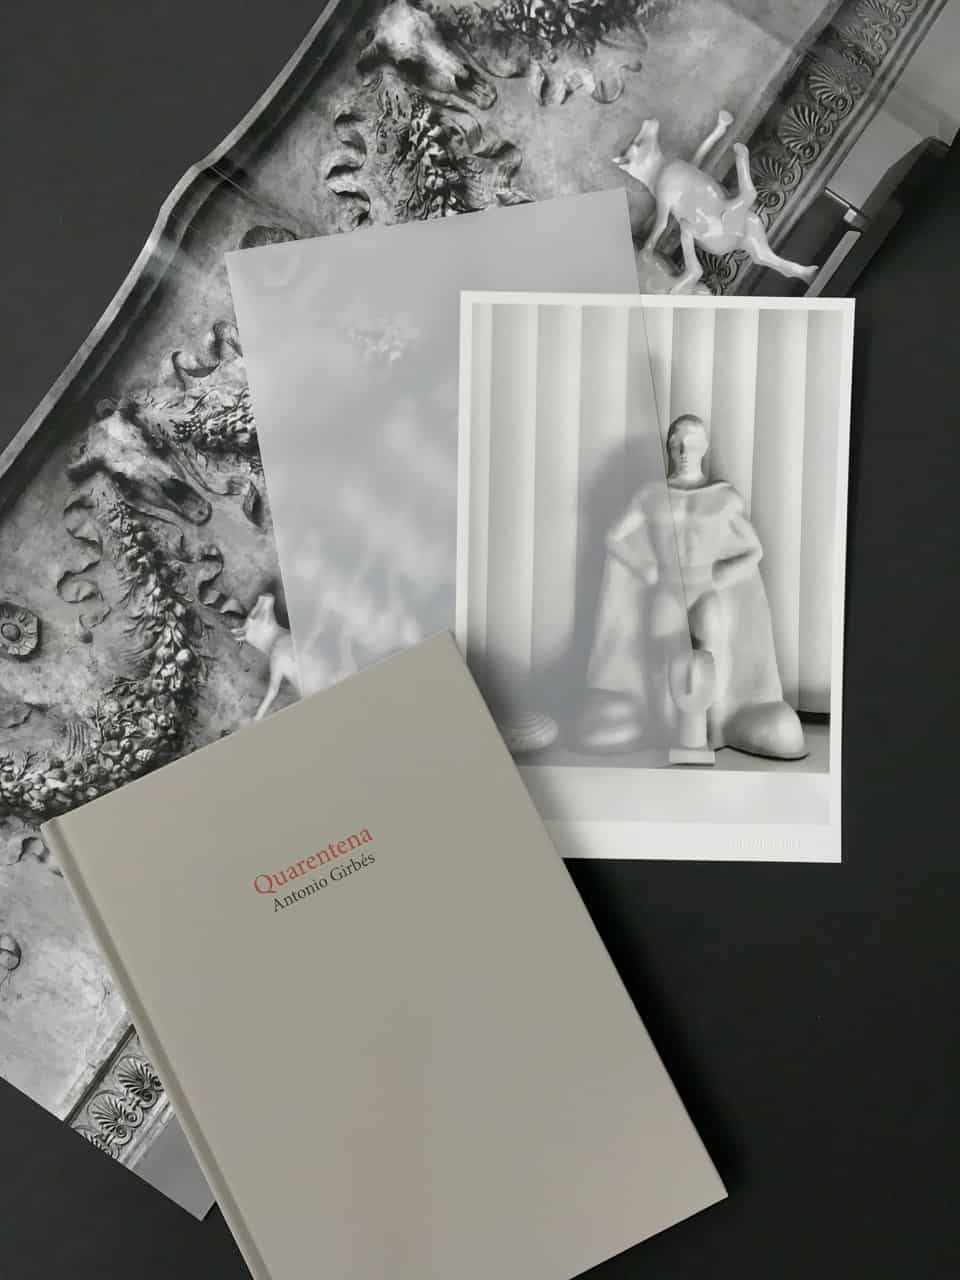 Lámina incluida con el libro de fotografía Quarentena